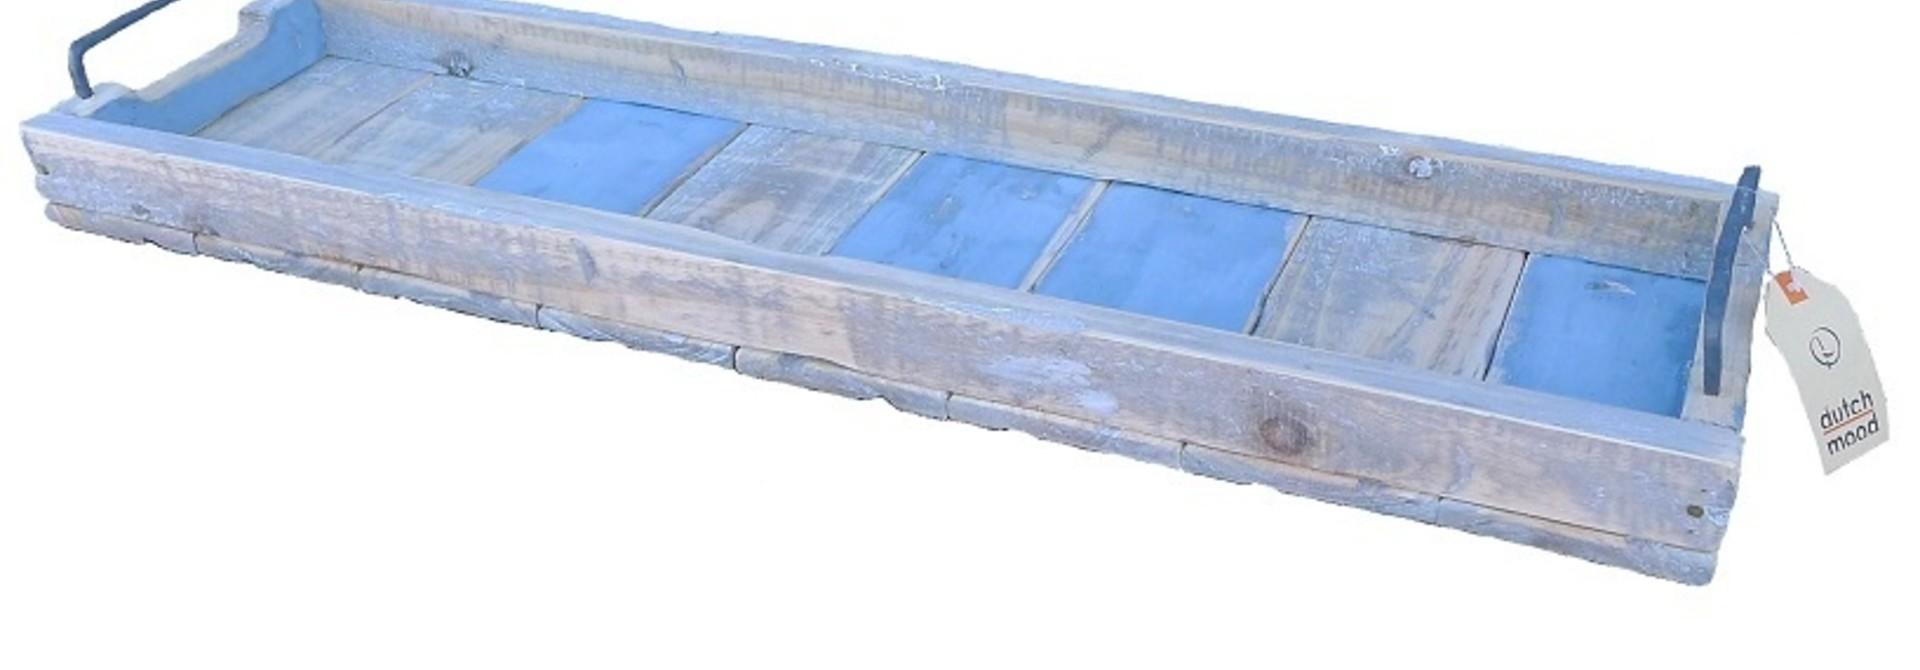 tray old dutch marianne 78/20 blue